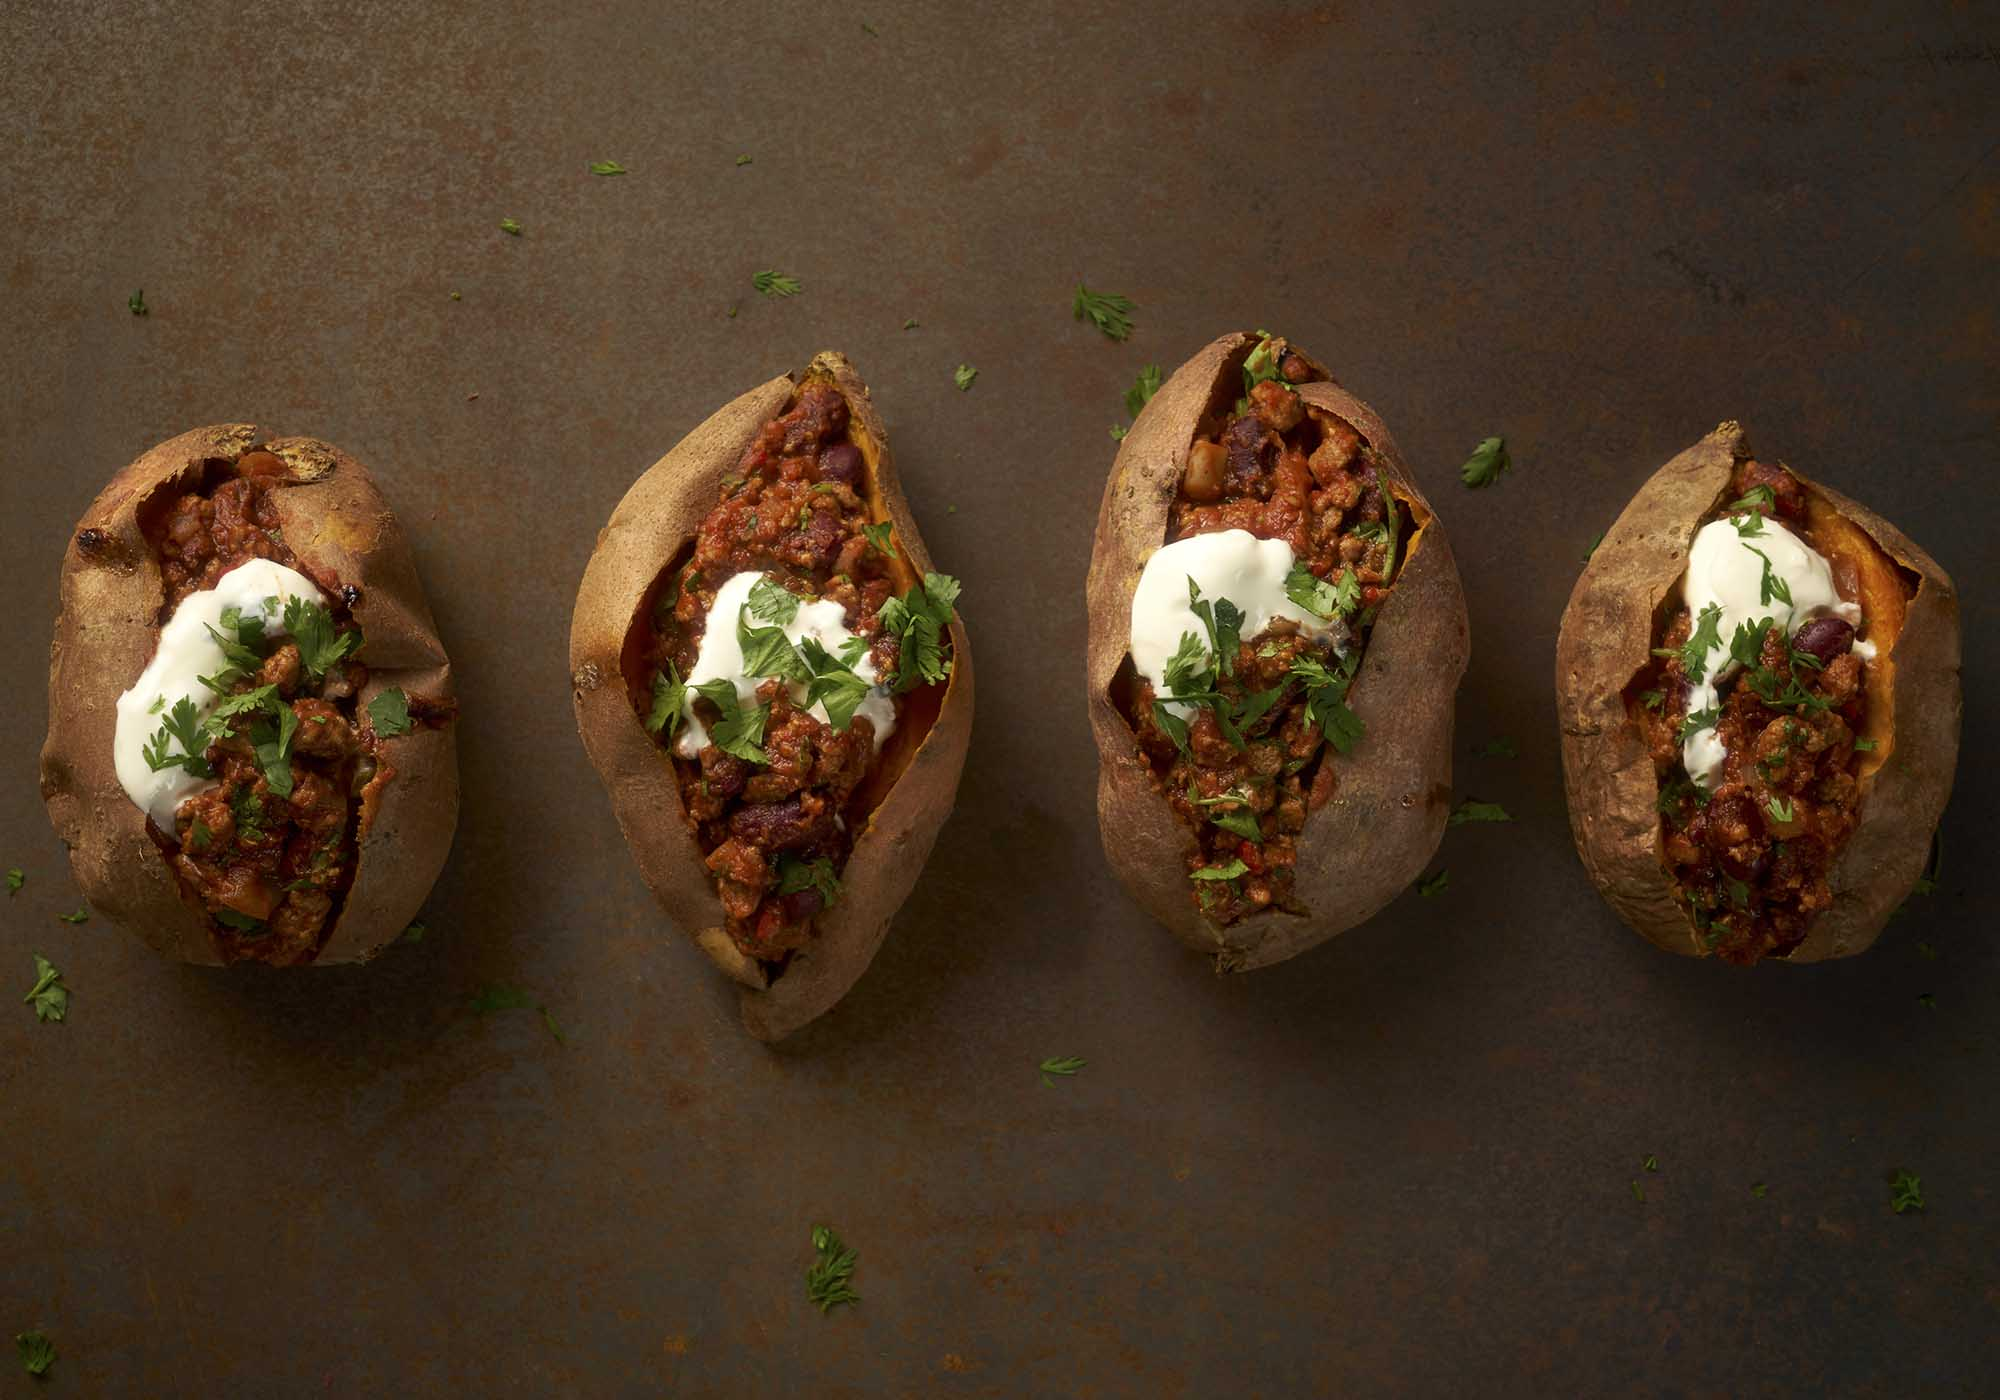 Rezeptidee Gefüllte Ofen-Süßkartoffel mit Quorn Chili